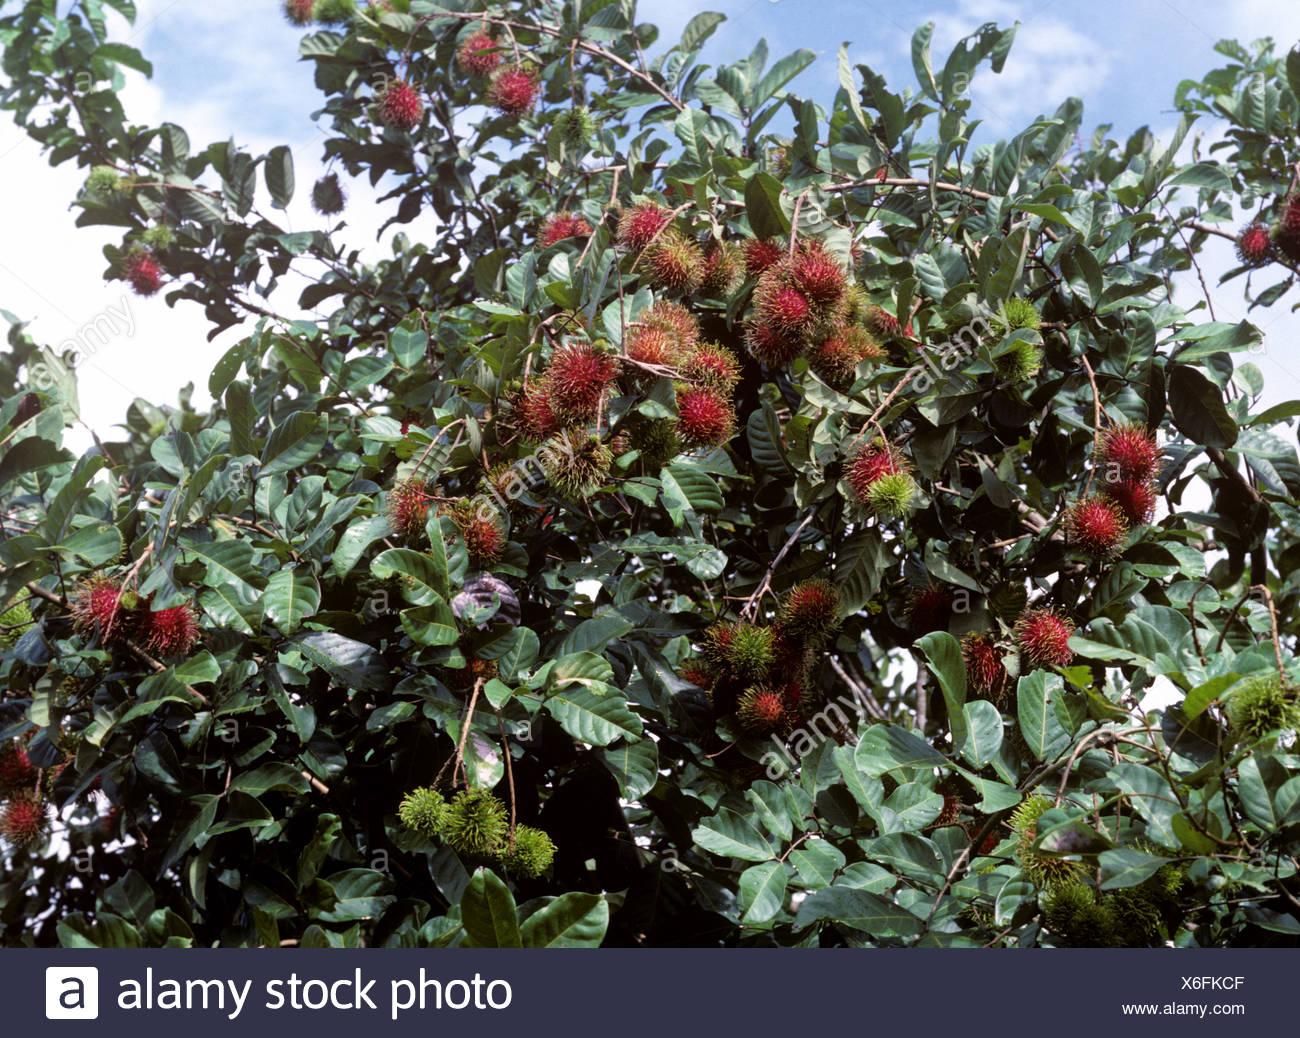 Reife Rambutan Früchte auf dem Baum Thailand Stockbild